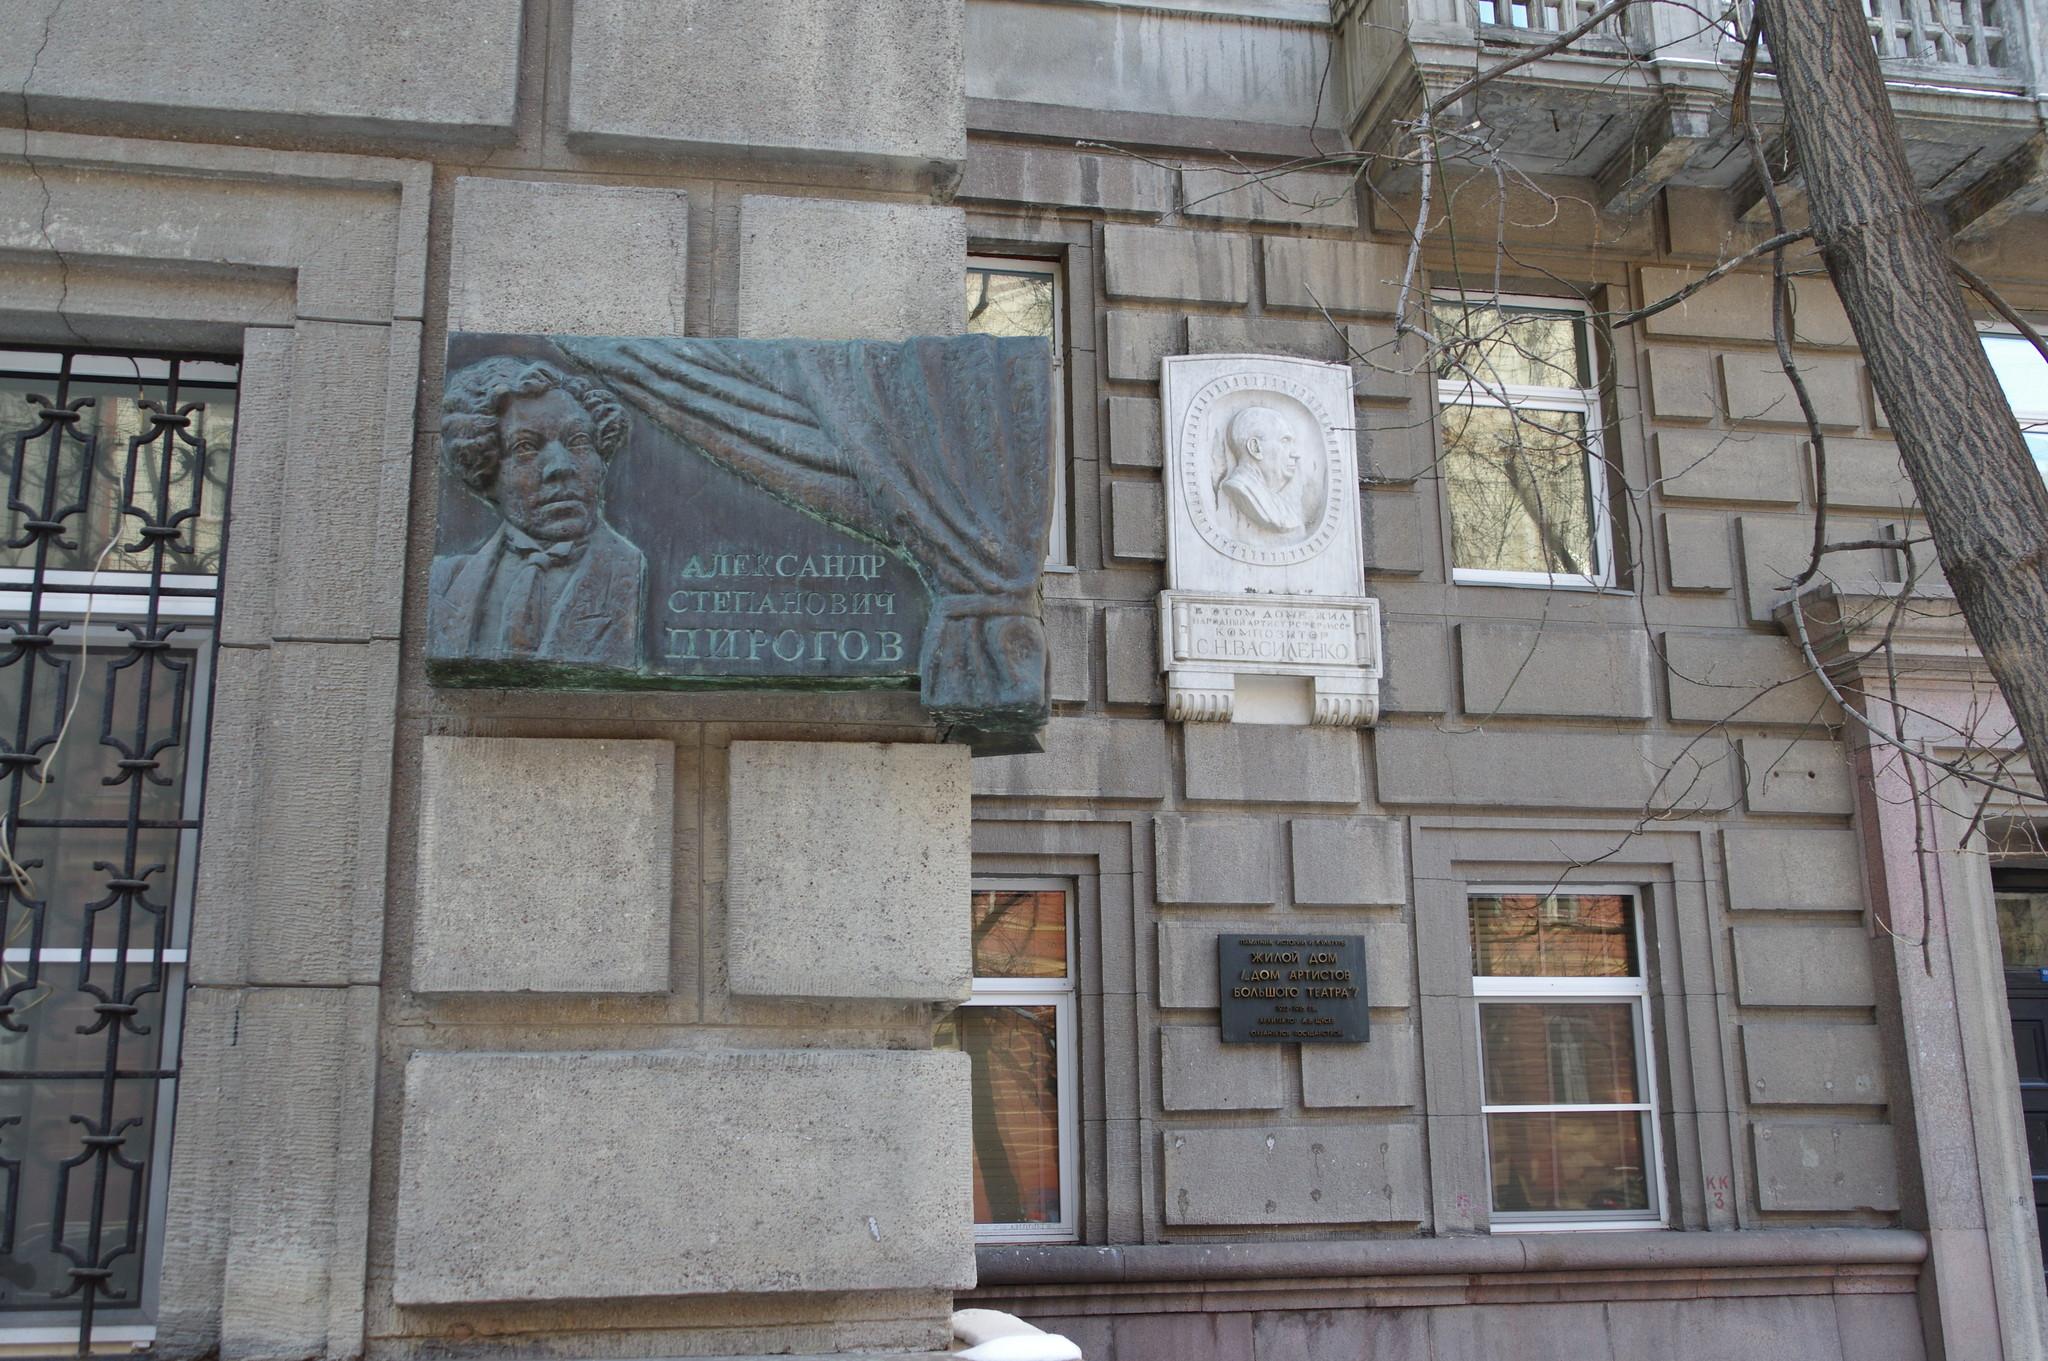 Мемориальная доска на доме (Брюсов переулок, дом 7), где жил Народный артист СССР Александр Степанович Пирогов